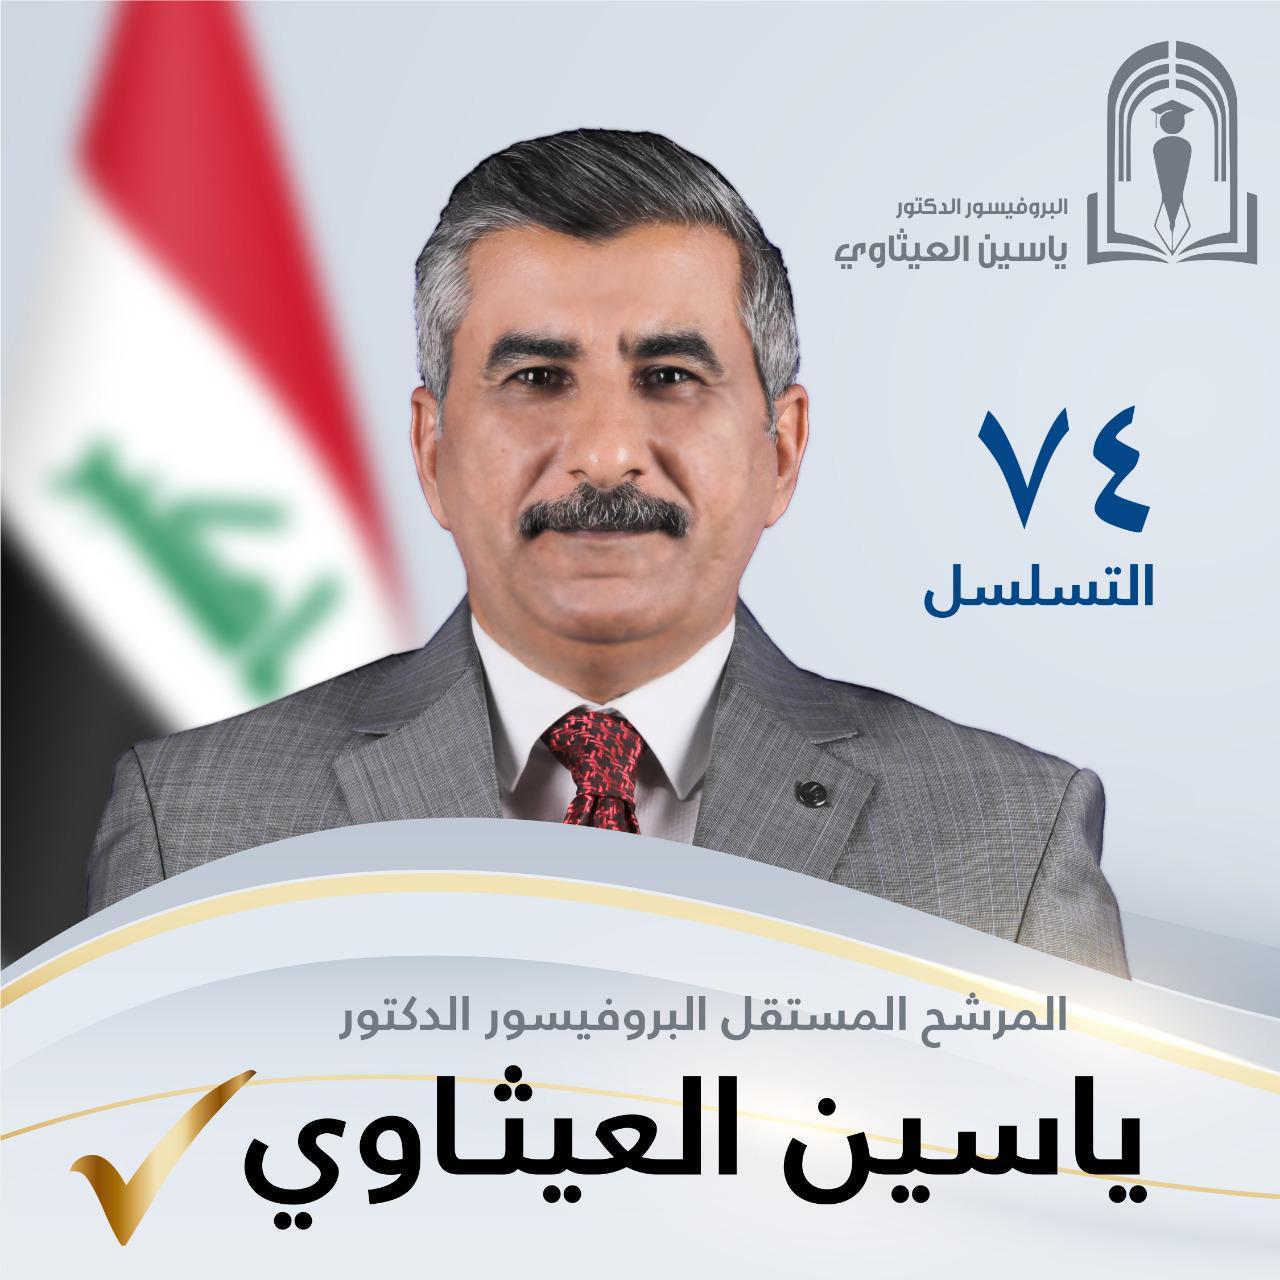 البروفيسور ياسين العيثاوي